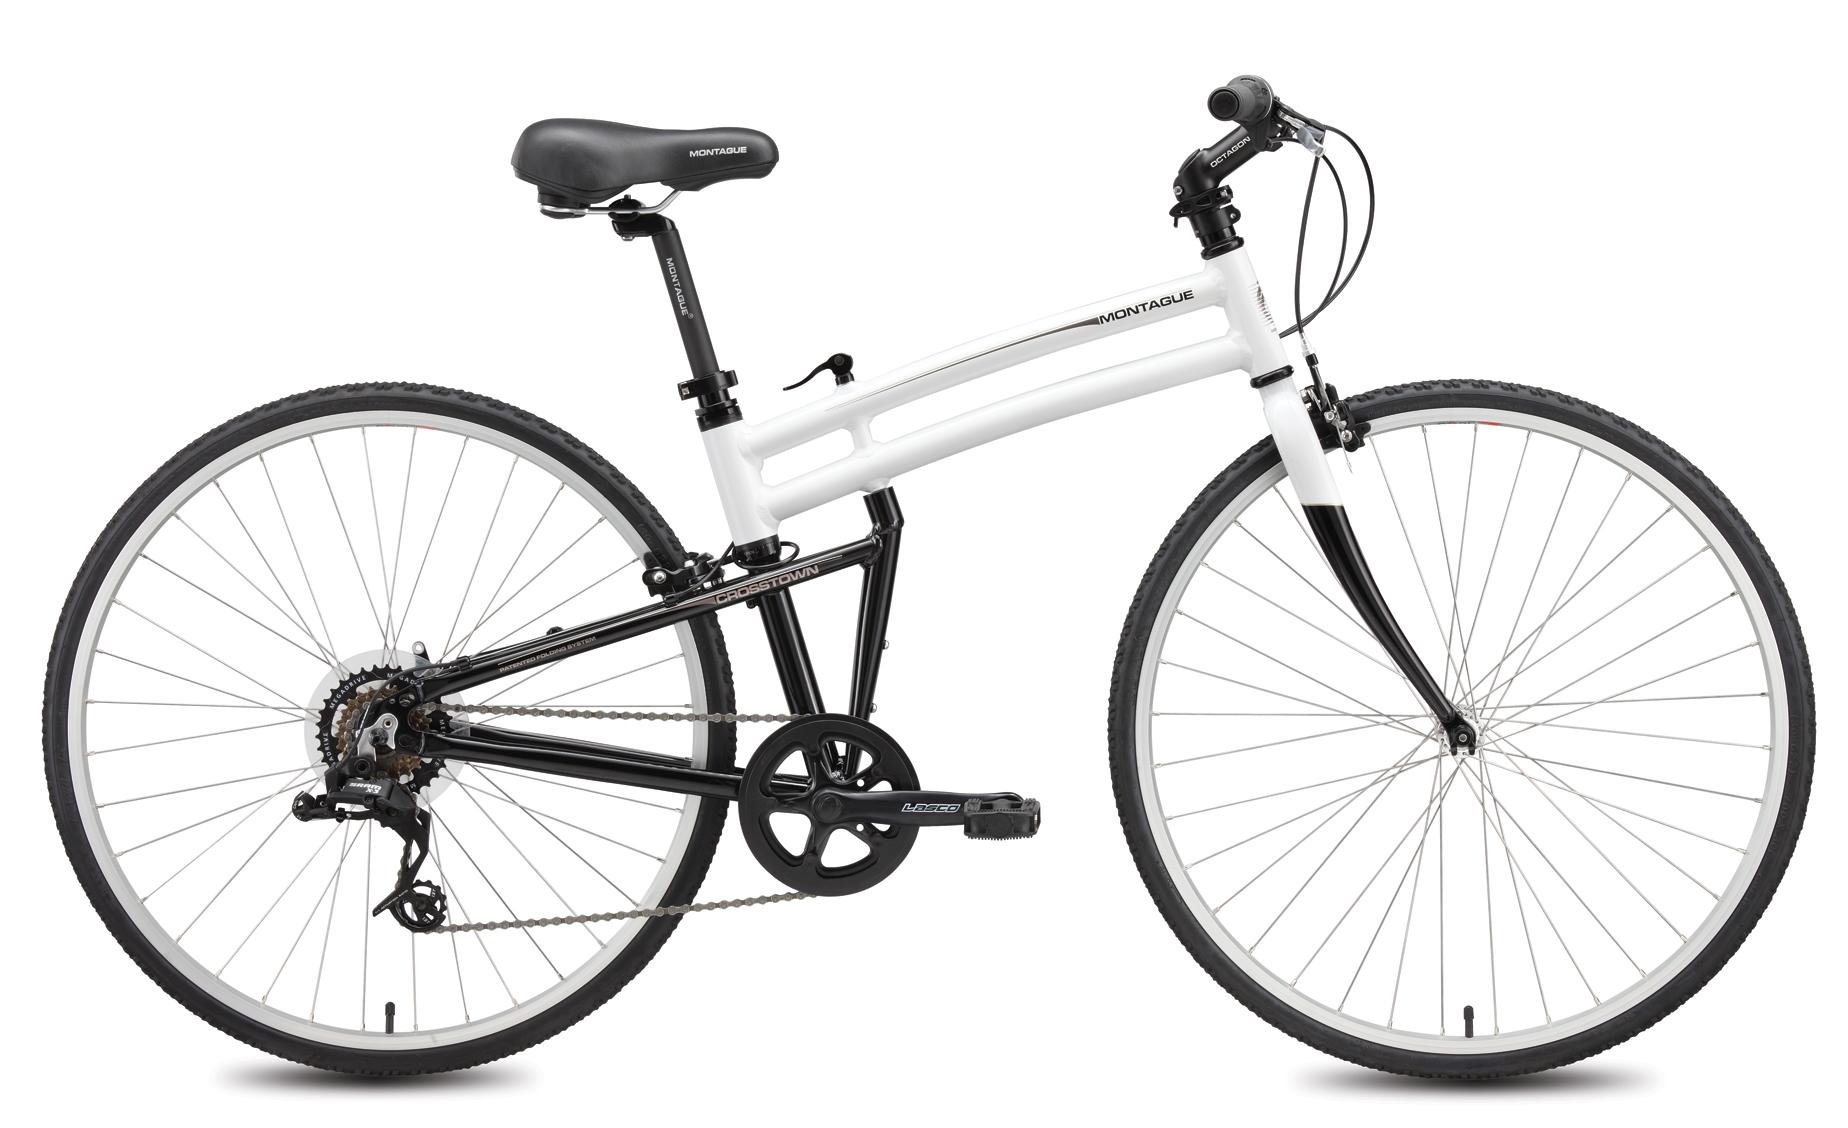 Montague Urban Review 2010 Folding Hybrid Bike